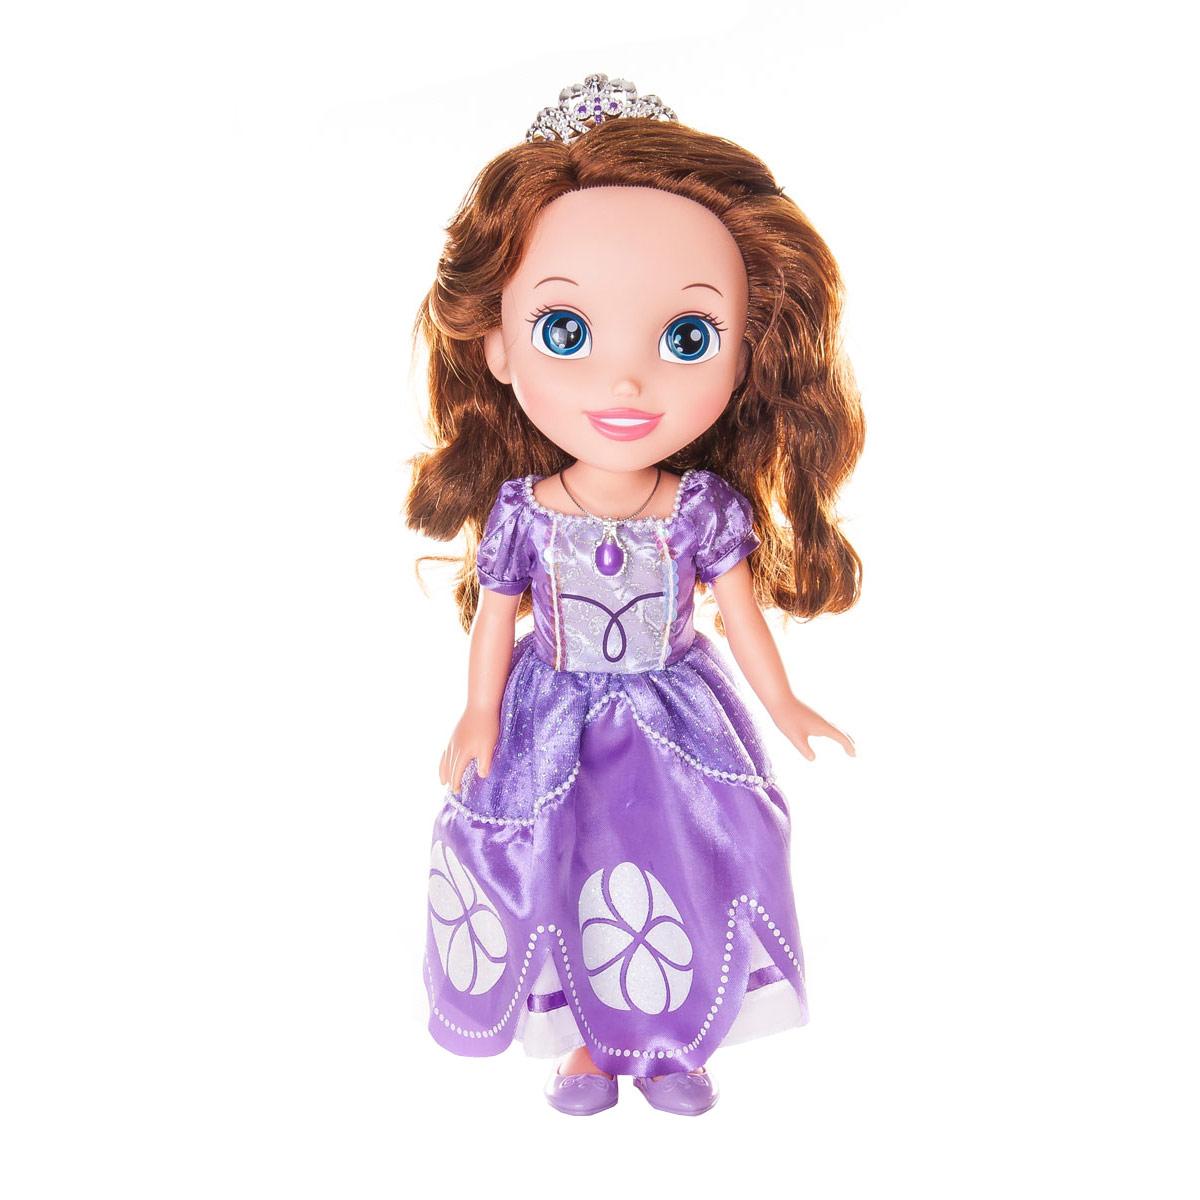 Кукла Disney Sofia the First, c аксессуарами, 36 см931210Кукла Disney Sofia the First - прекрасная принцесса, которая обязательно понравится вашей дочурке. Туловище куклы выполнено из высококачественного пластика; голова, ручки и ножки подвижны. К кукле прилагаются расческа, зеркальце, ожерелье, браслет и шкатулка для хранения ее украшений. Принцесса одета в красивое платье, точь-в-точь как на героине из мультфильма. На ножках туфельки. Кукла имеет длинные шелковистые волосы, которые можно заплетать в различные прически. На голове - королевская тиара. Главная особенность куклы - большие глаза, которые блестят как настоящие. Глазки изготовлены по запатентованной технологии Royal Reflection. Такая куколка очарует вас и вашу дочурку с первого взгляда! Ваша малышка с удовольствием будет играть с принцессой, проигрывая сюжеты из мультфильма или придумывая различные истории. Порадуйте свою дочурку таким замечательным подарком!